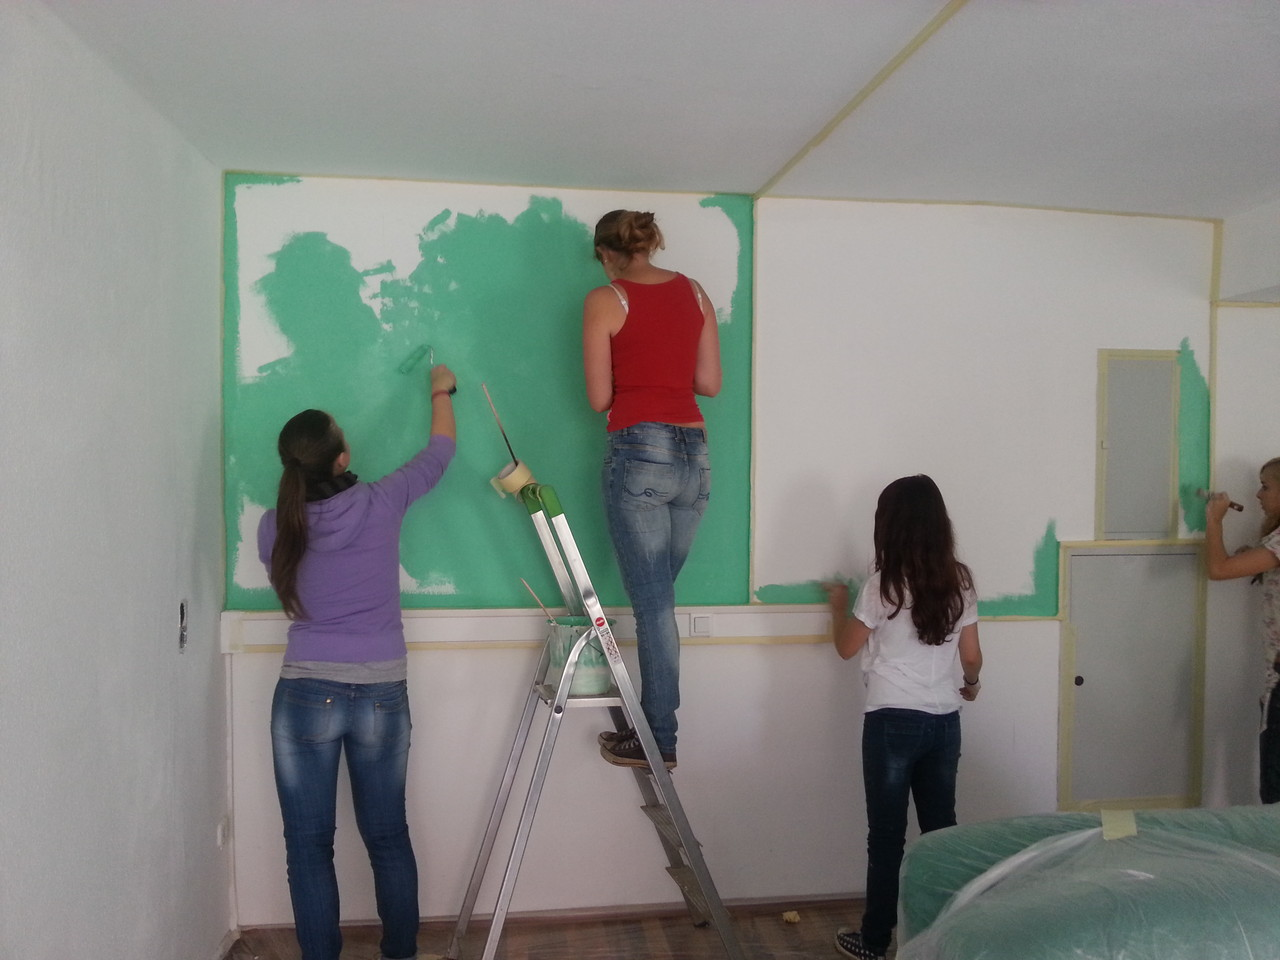 Während drei Wände weiß gestrichen werden, erhält die dritte den Grünton unseres Logos